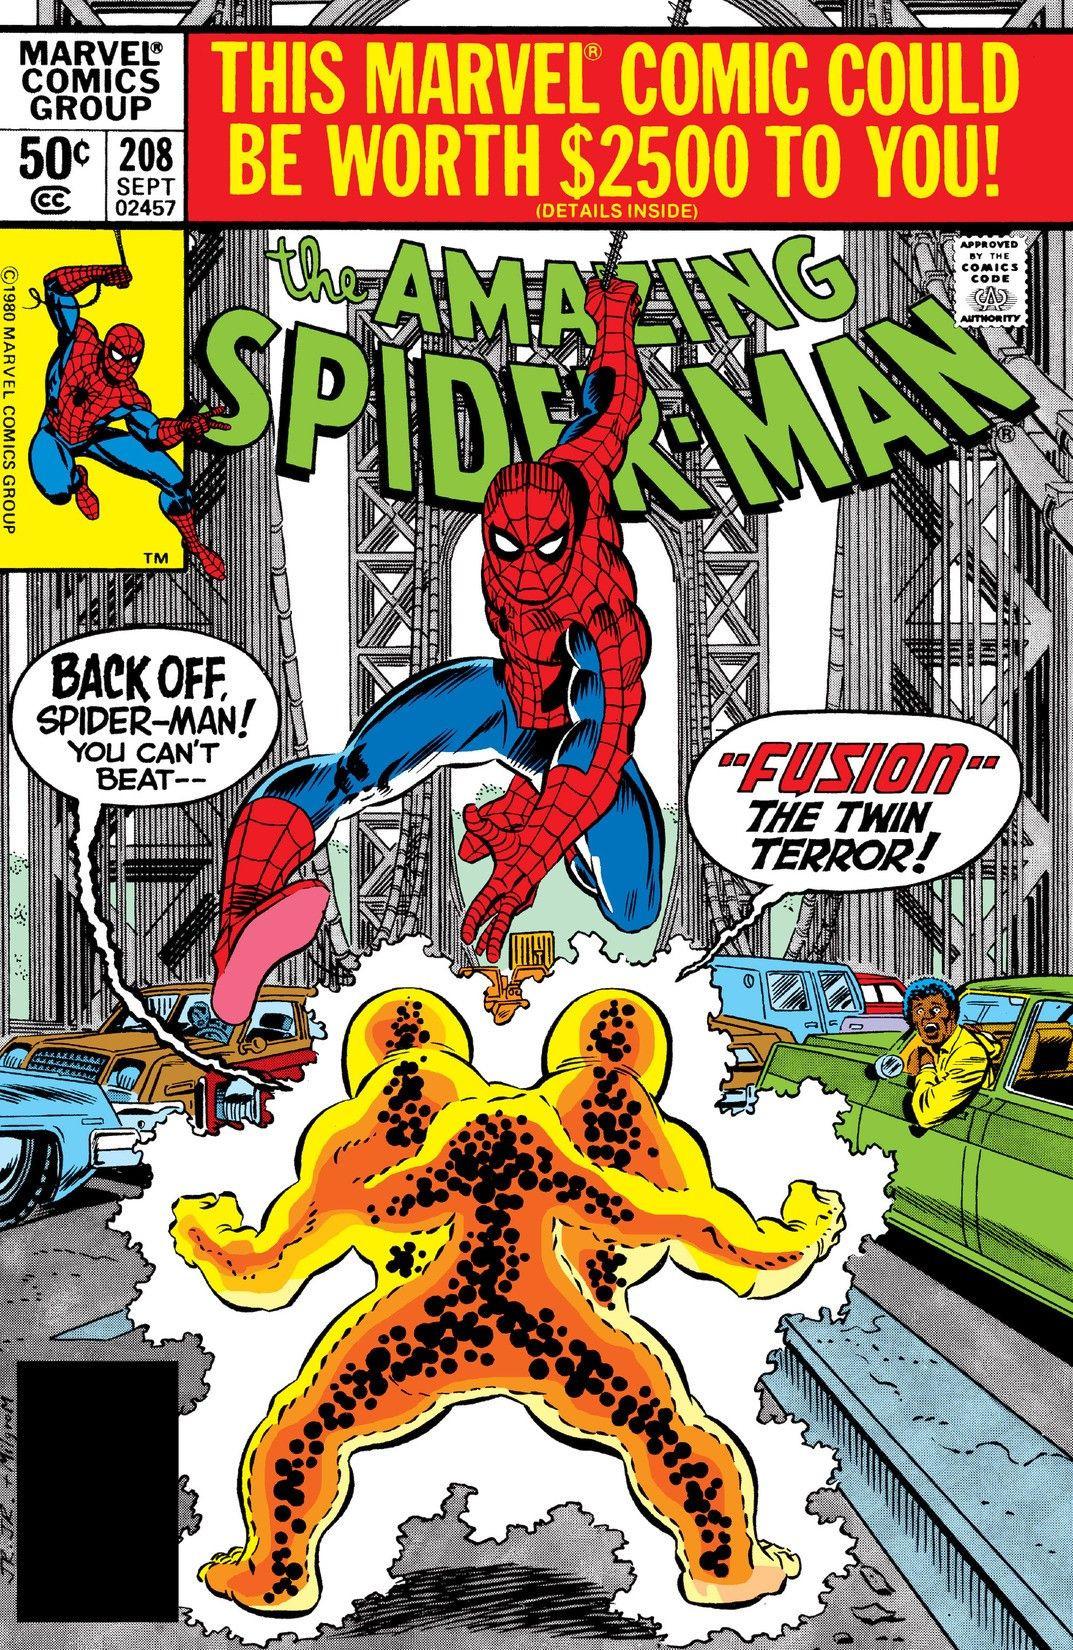 Amazing Spider-Man Vol 1 208.jpg